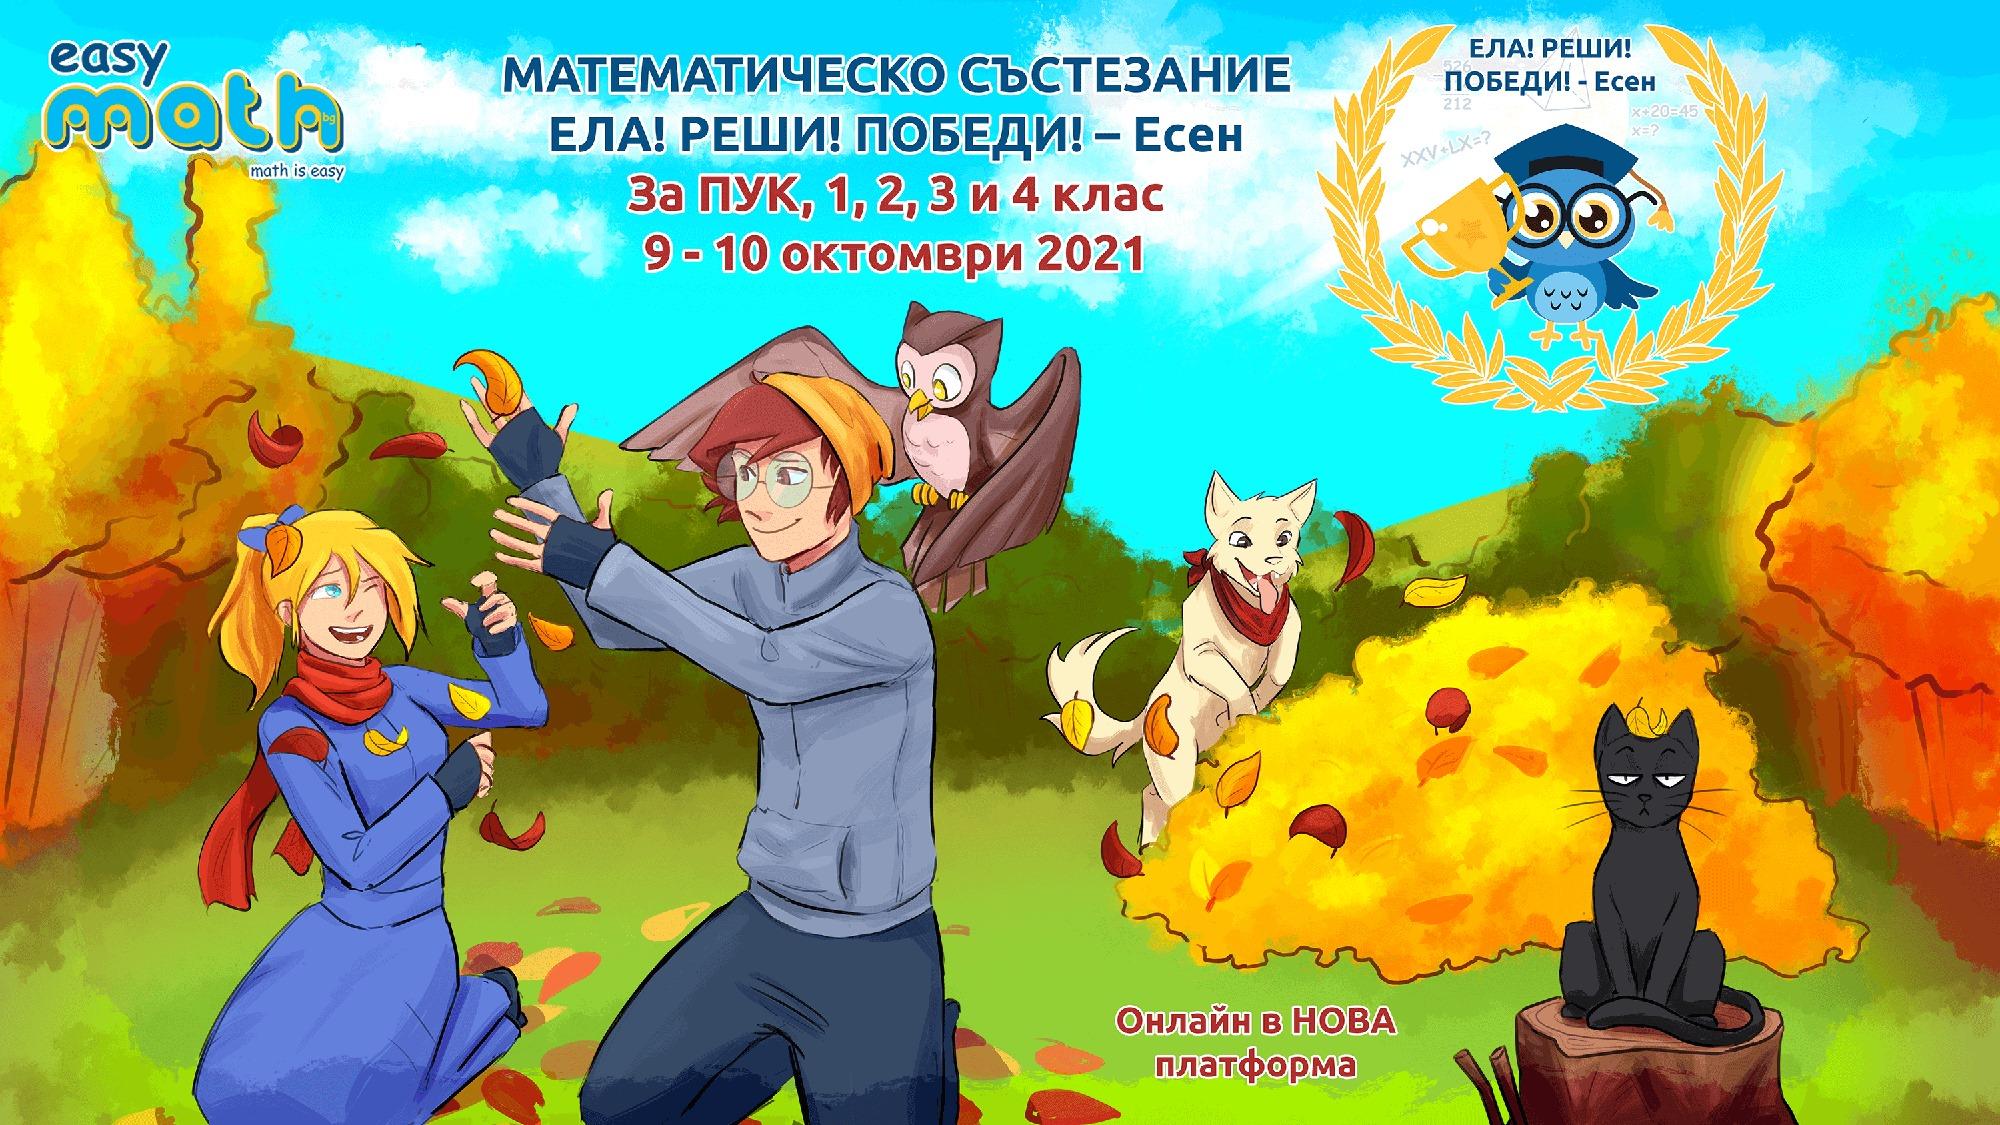 Ела! Реши! Победи! Есен - състезание по математика за ПУК, 1, 2, 3 и 4 клас